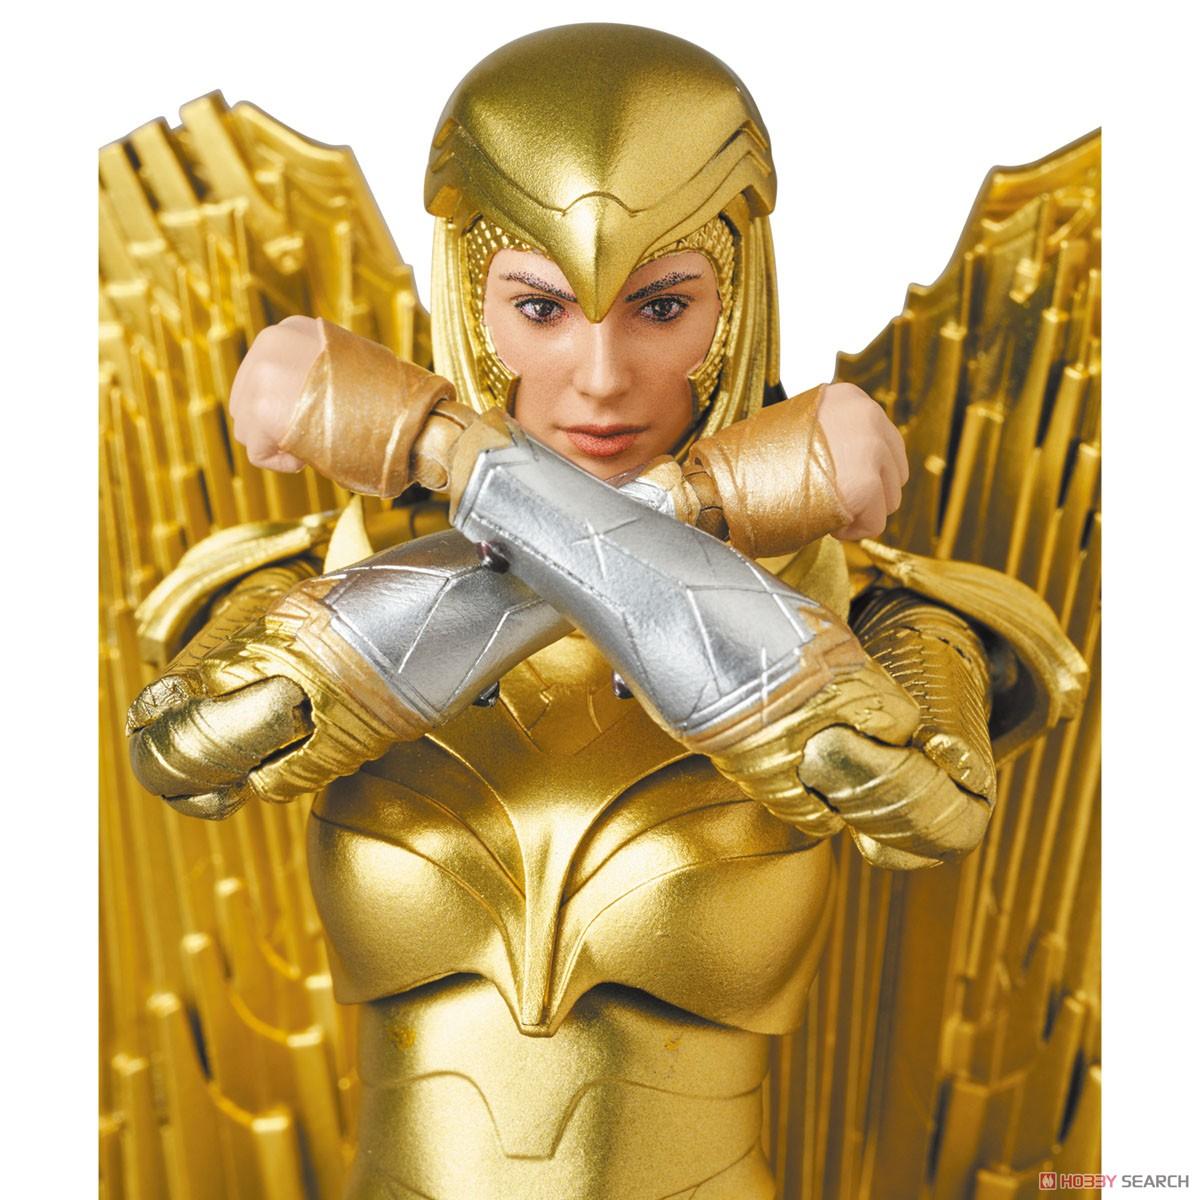 マフェックス No.148 MAFEX『ワンダーウーマン 1984 ゴールドアーマー版/WONDER WOMAN GOLDEN ARMOR Ver.』可動フィギュア-009